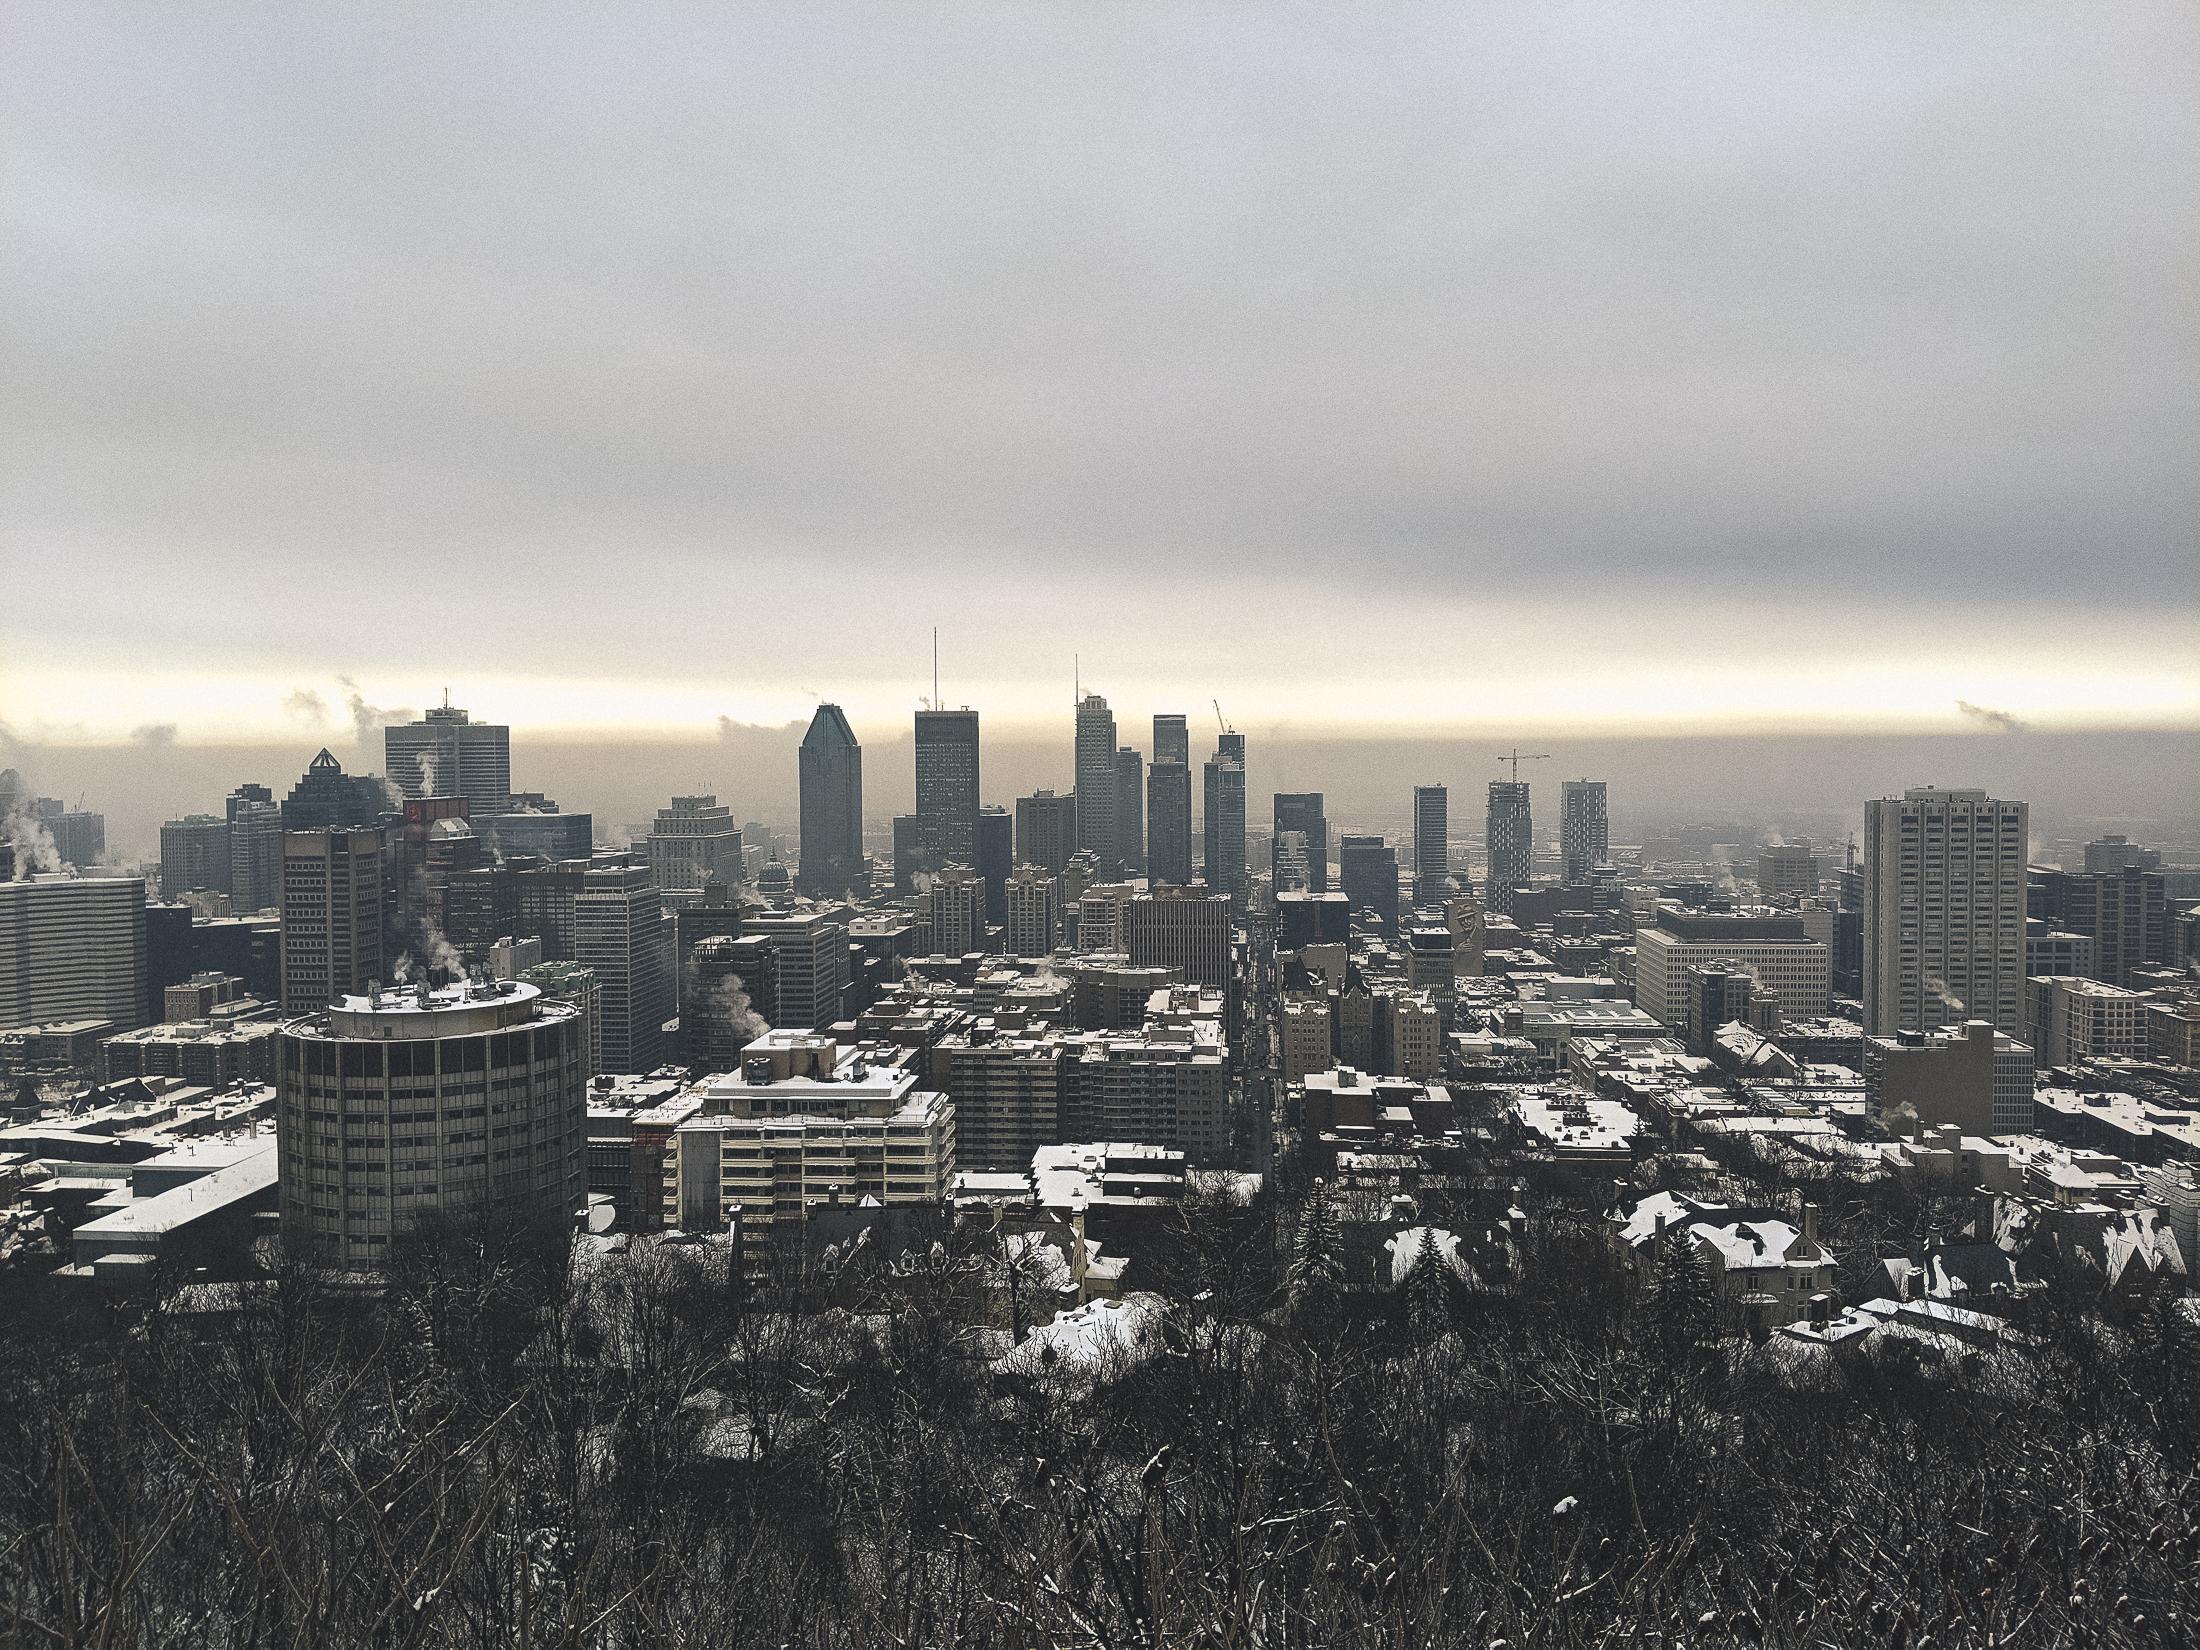 image de Montréal enneigée depuis la vue du belvédère Camillien-Houde